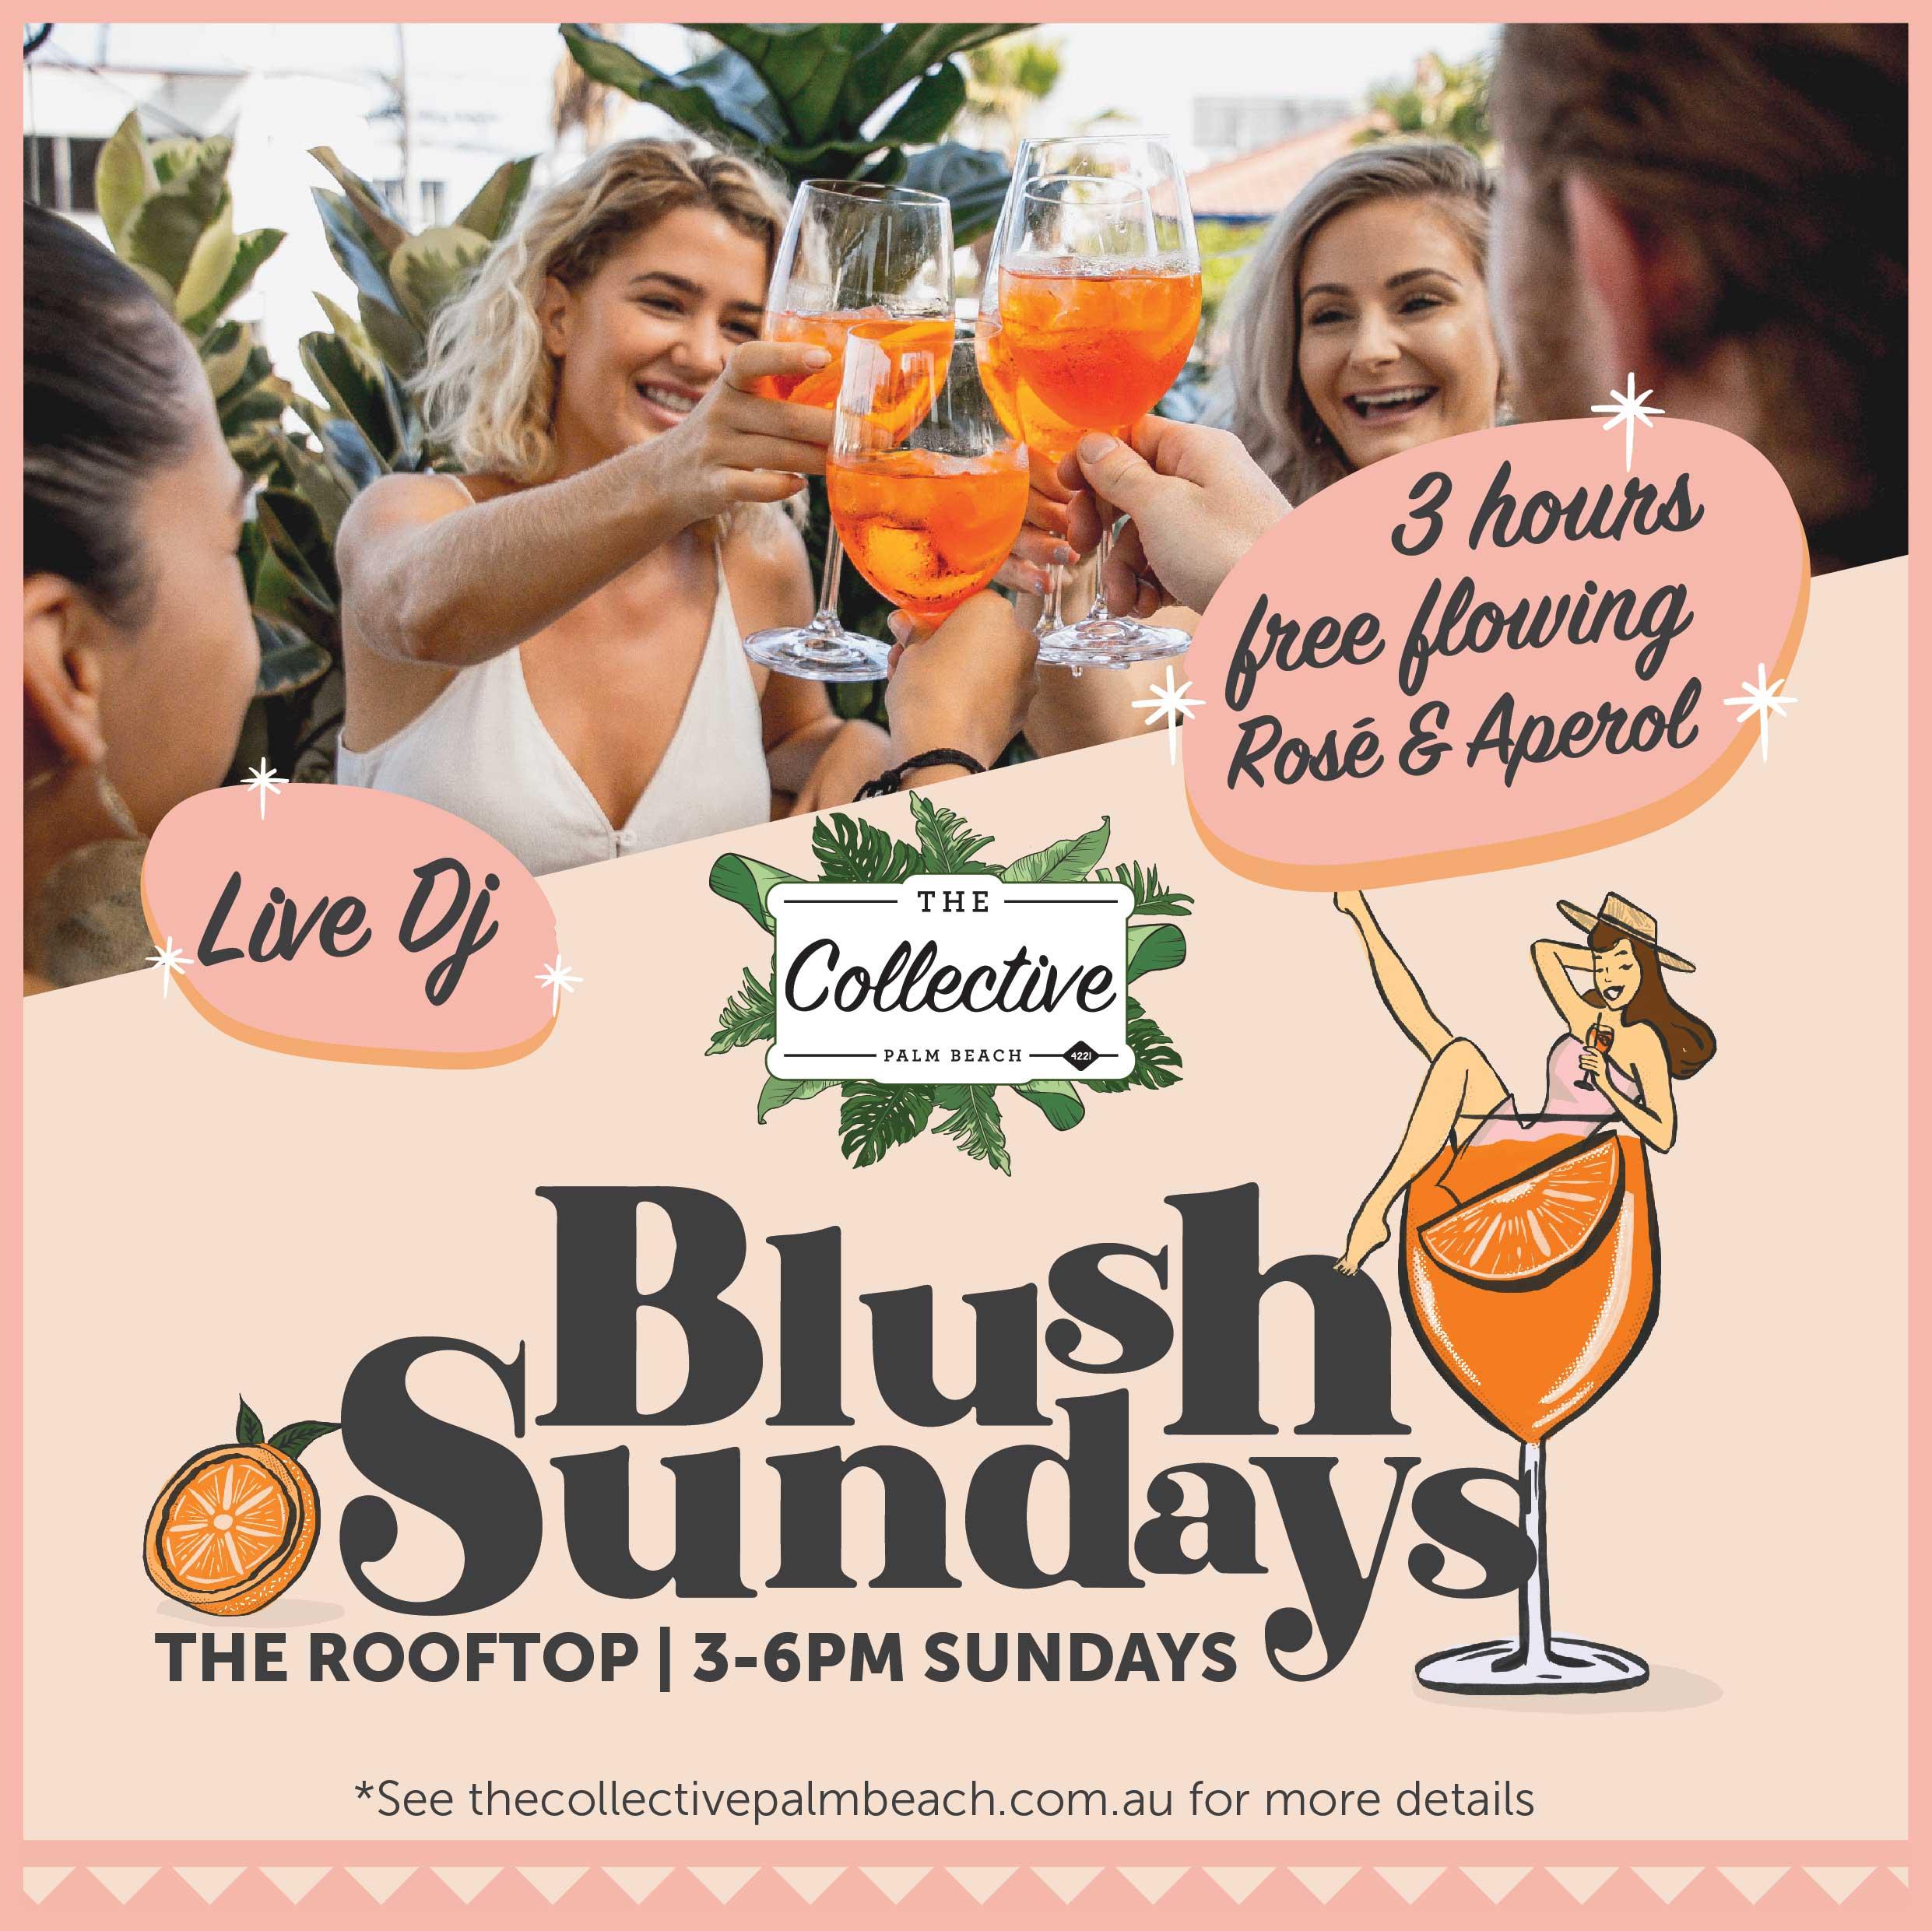 Blush Sundays Finalsjpg-02.jpg